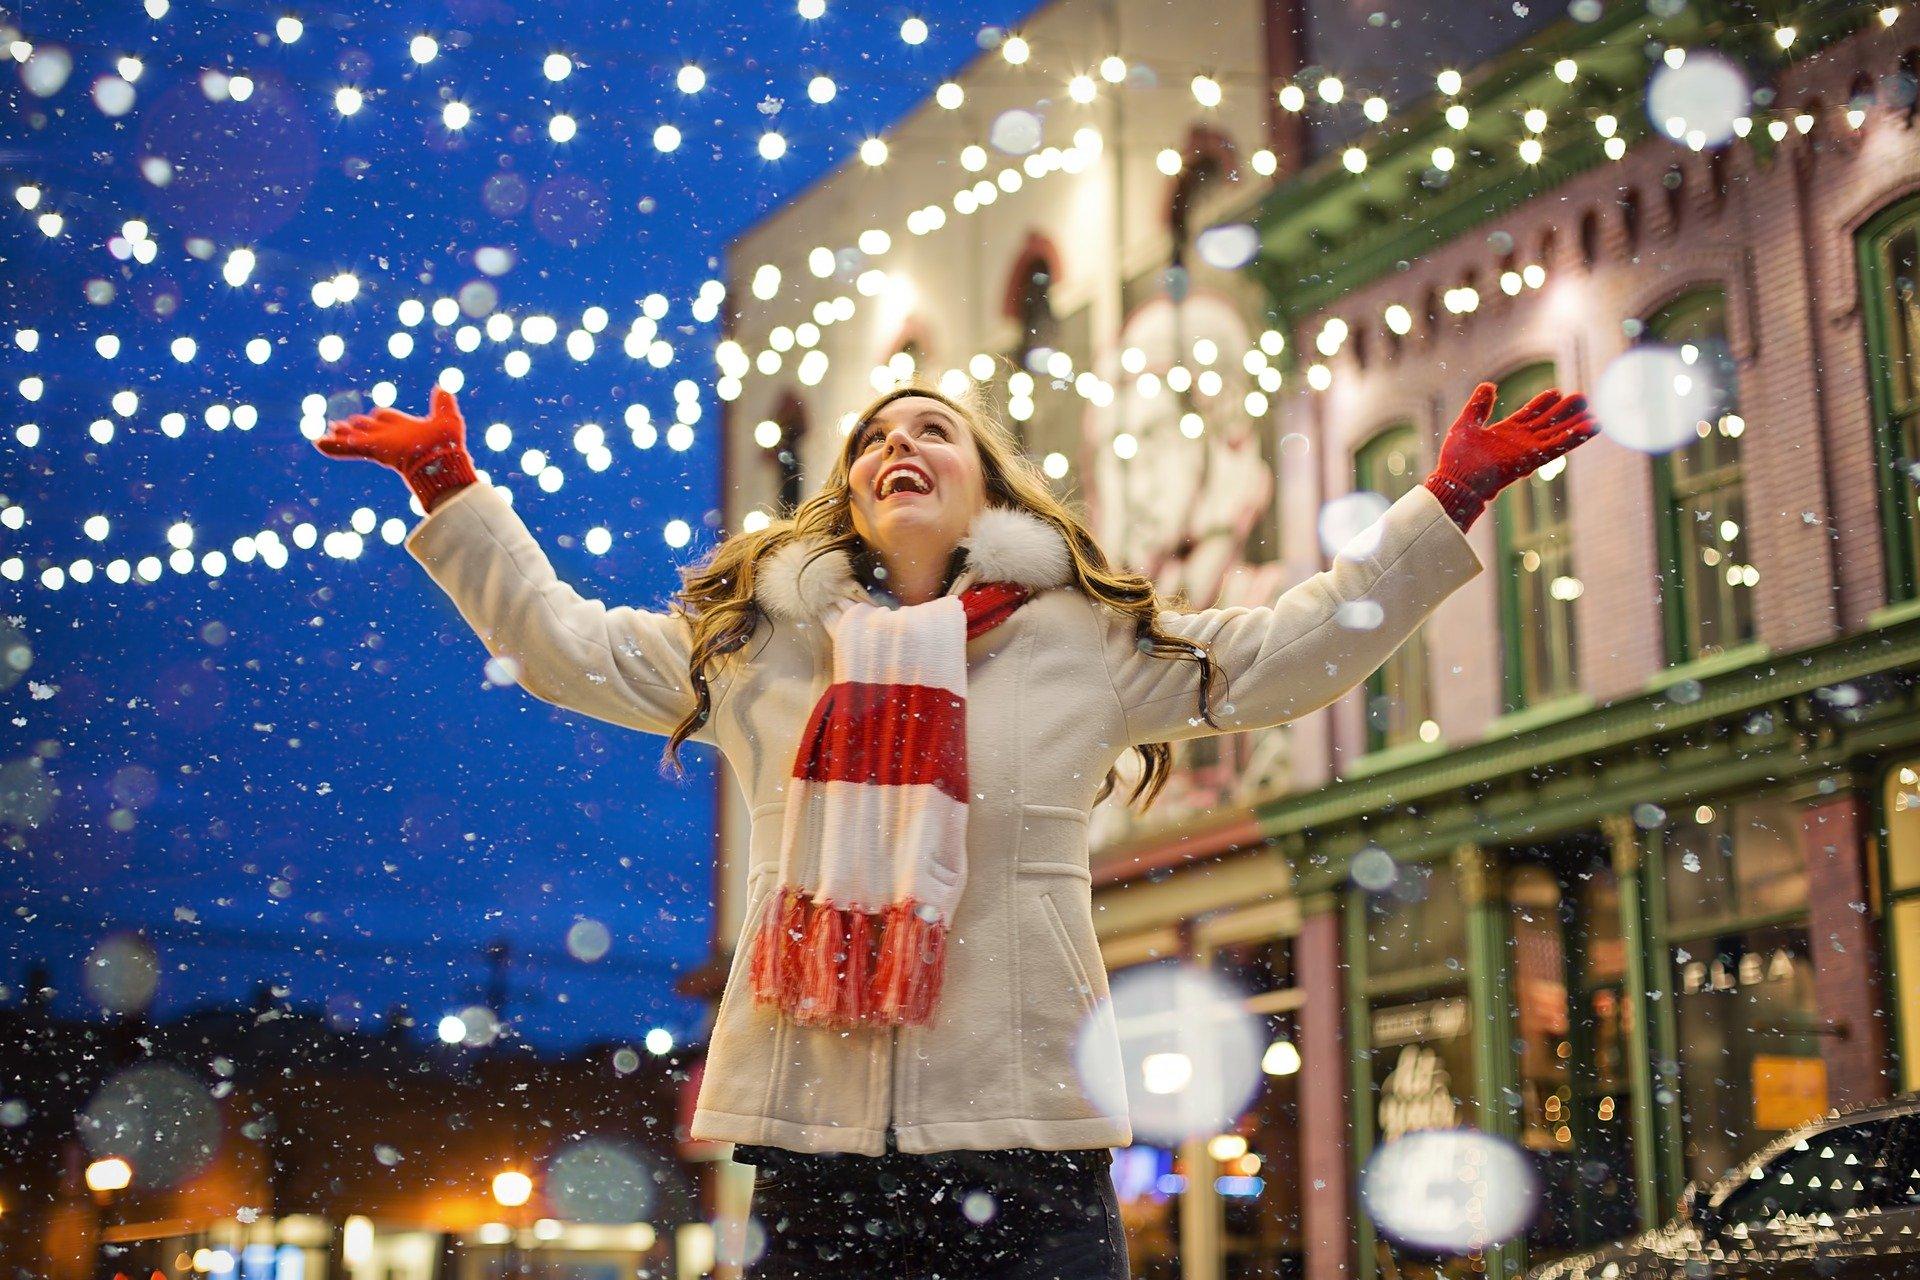 """Jak wyglądają Święta Bożego Narodzenia i przygotowania do Wigilii w polskich domach? O swoich tradycjach rodzinnych opowie nam dzisiaj Kasia z bloga """"Pudrowo""""."""